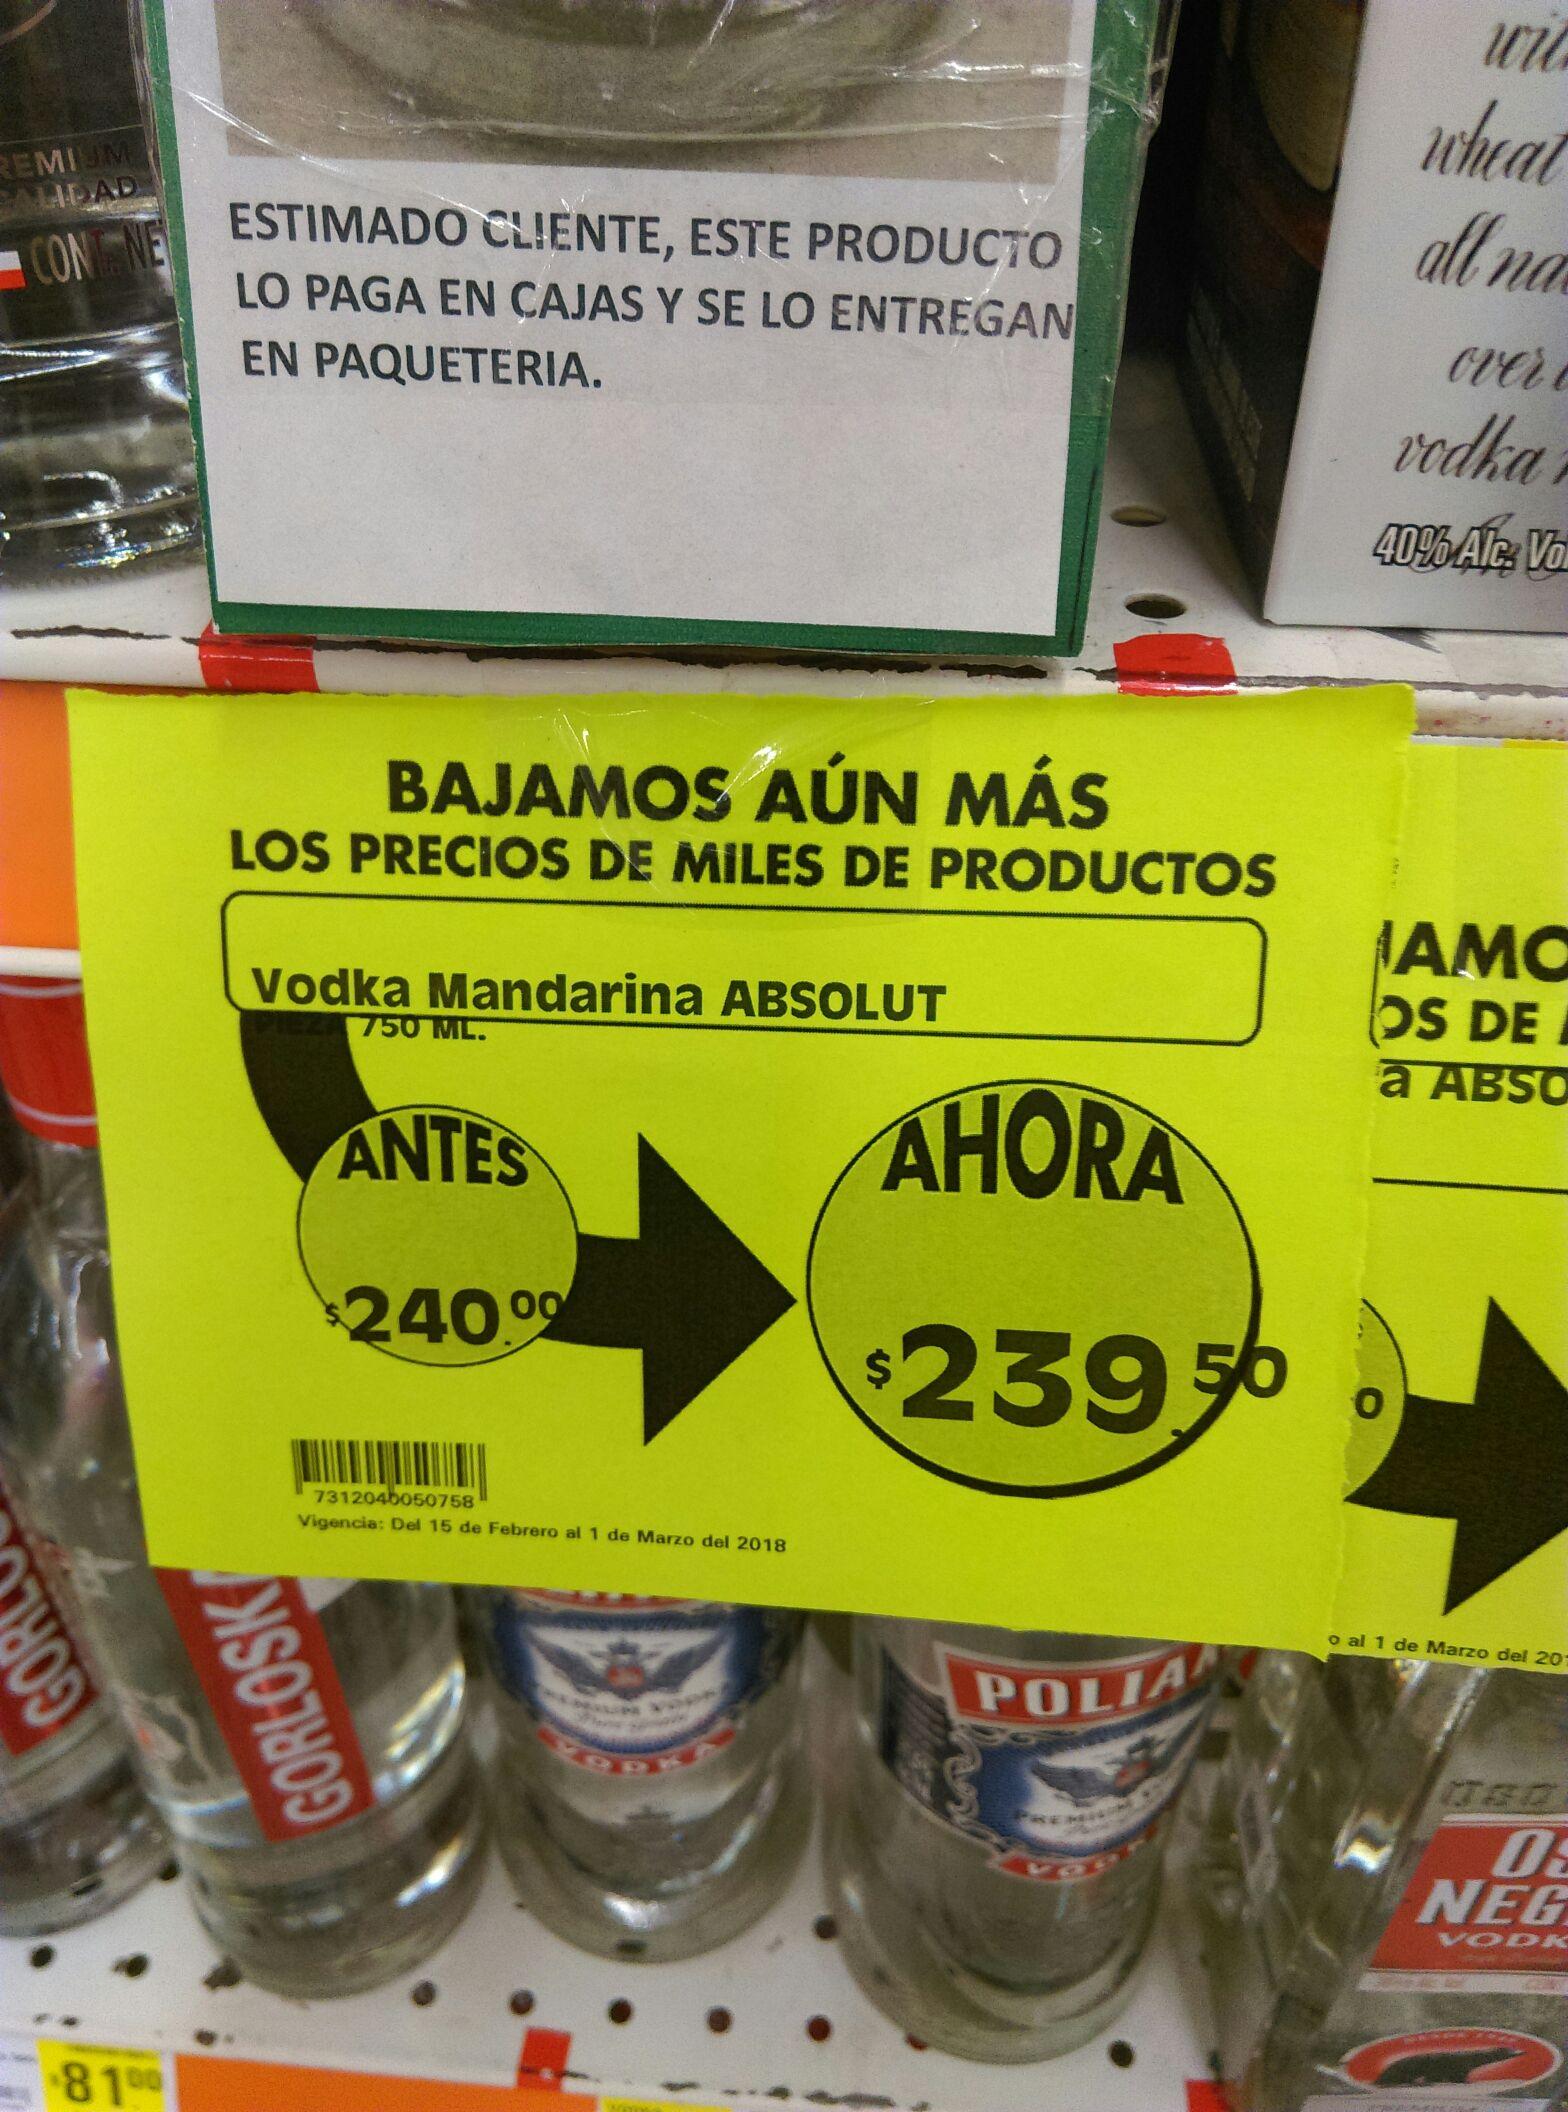 Comercial mexicana leon: Vodka Mandarina